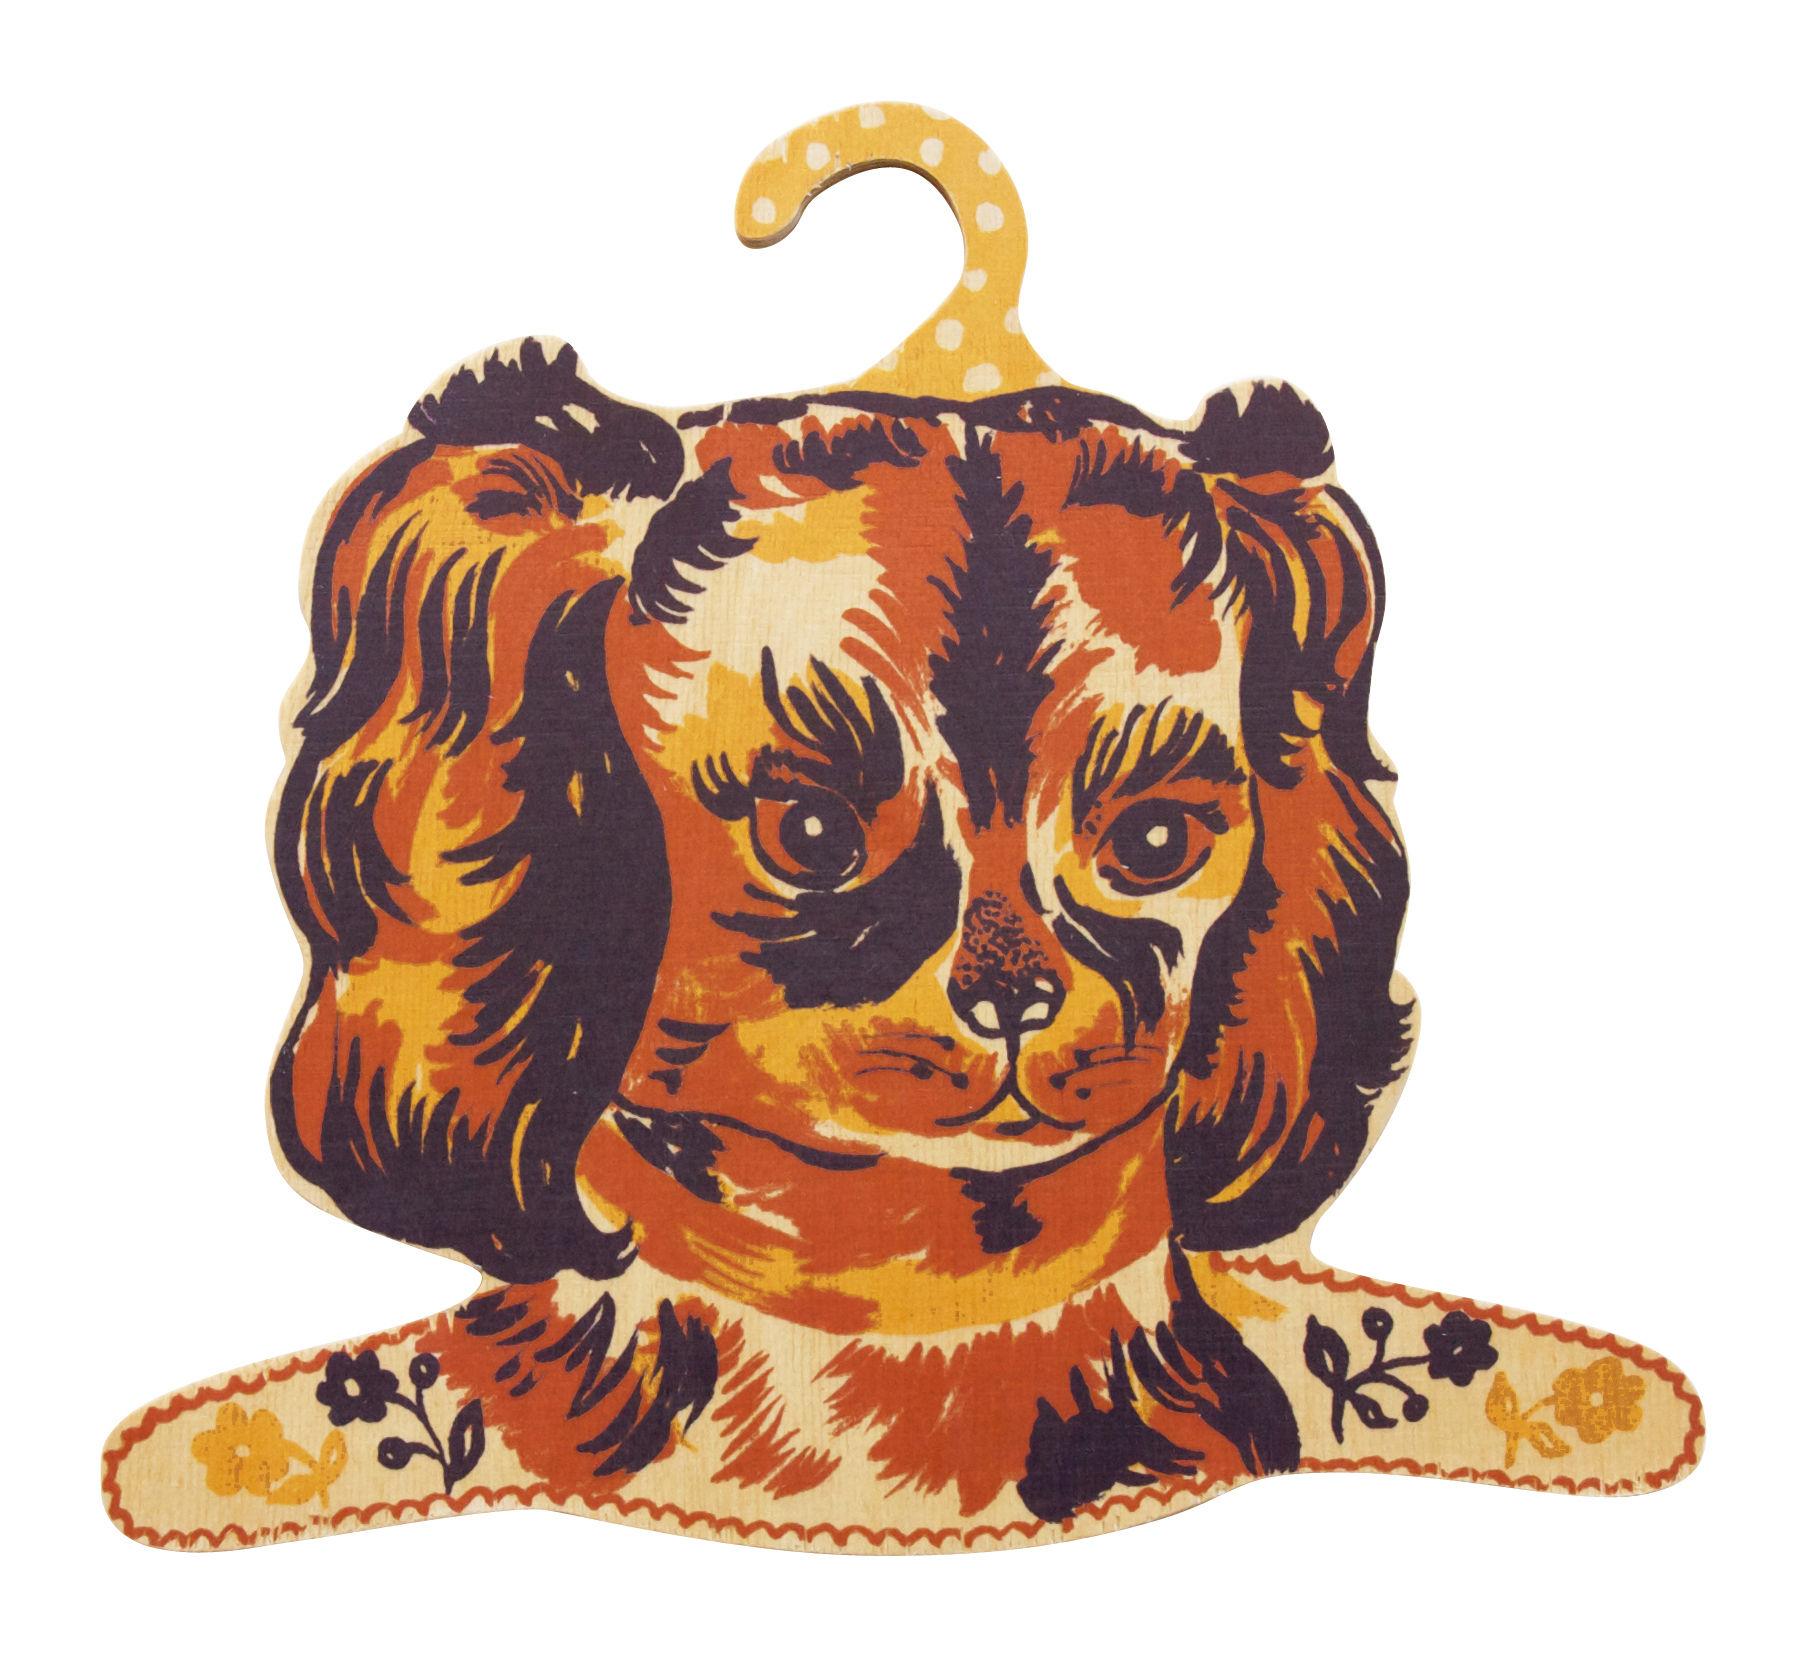 Interni - Per bambini - Attaccapanni Ouaf! di Domestic - Cane multicolore - Compensato di abete